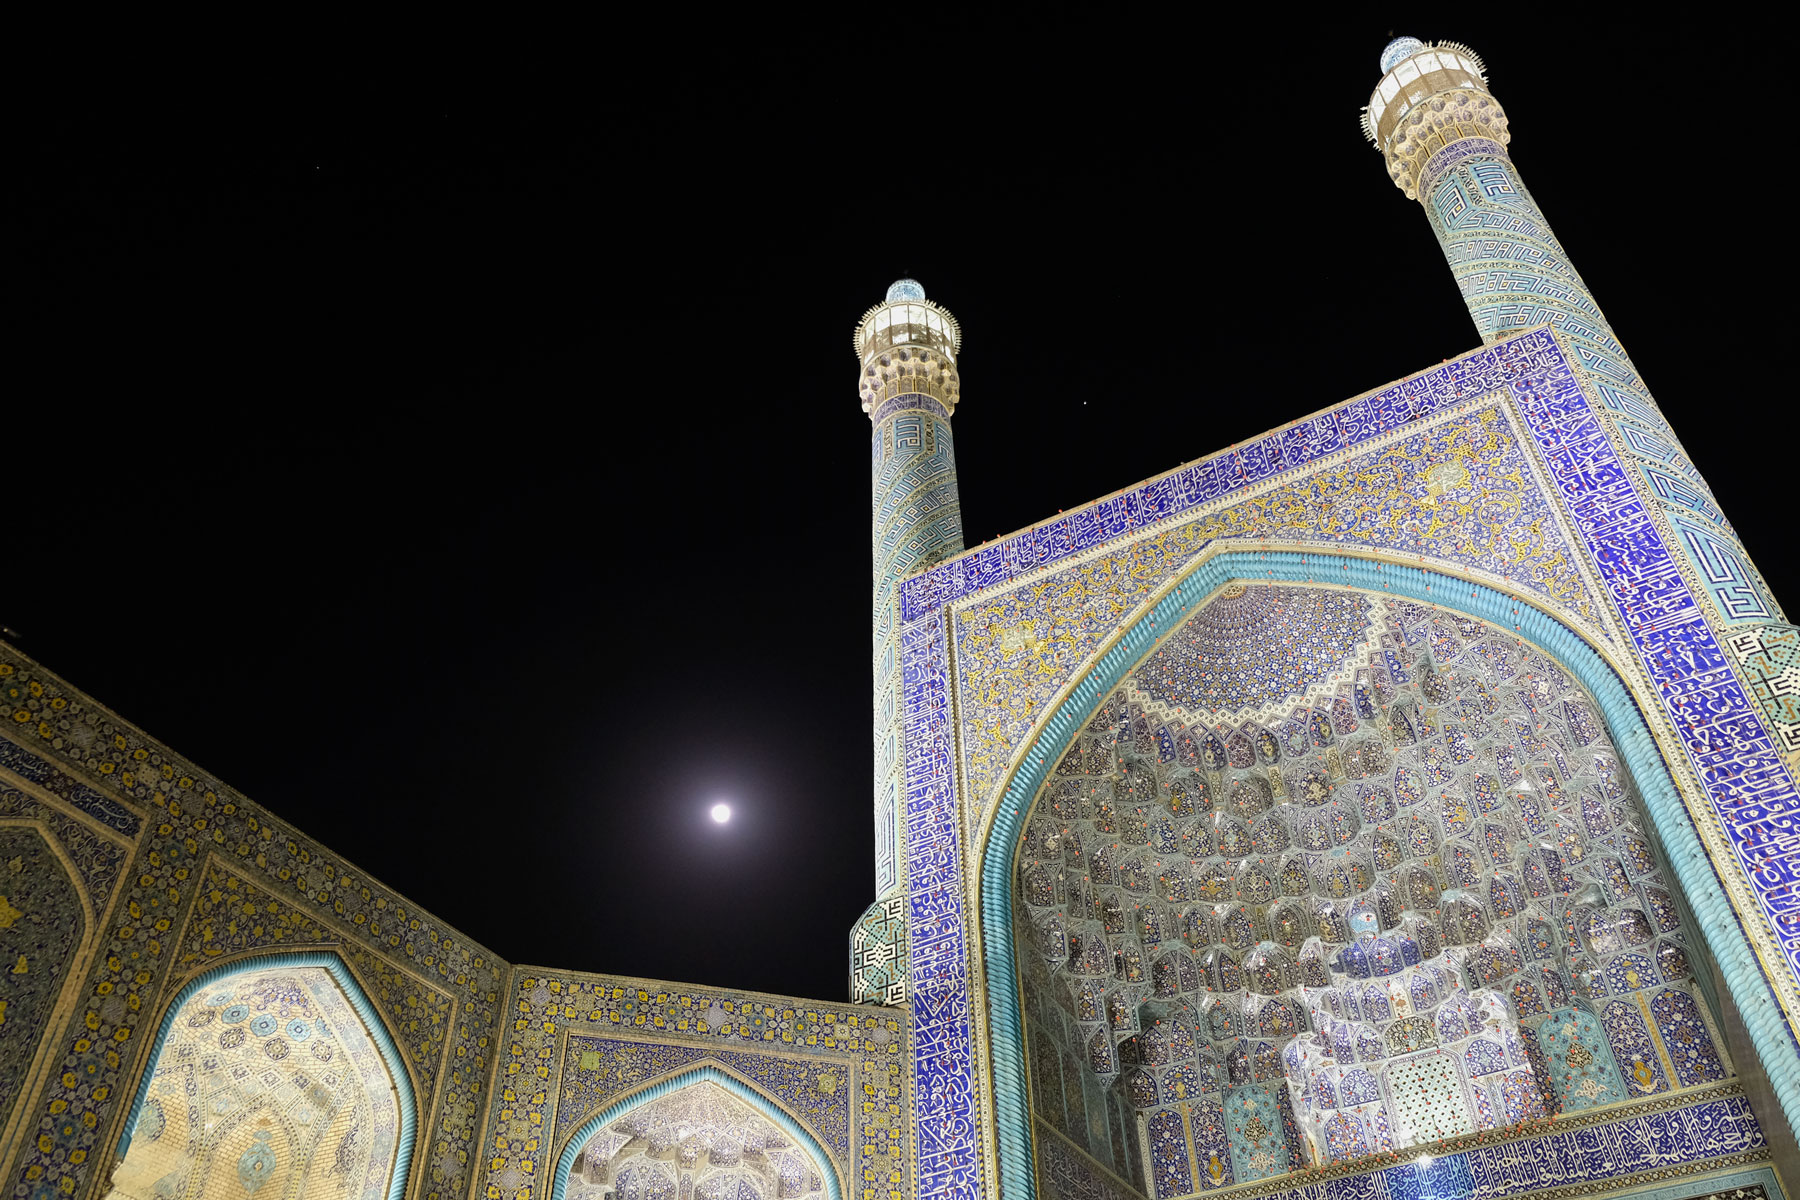 Naqsh-e Jahan Moschee in Isfahan.